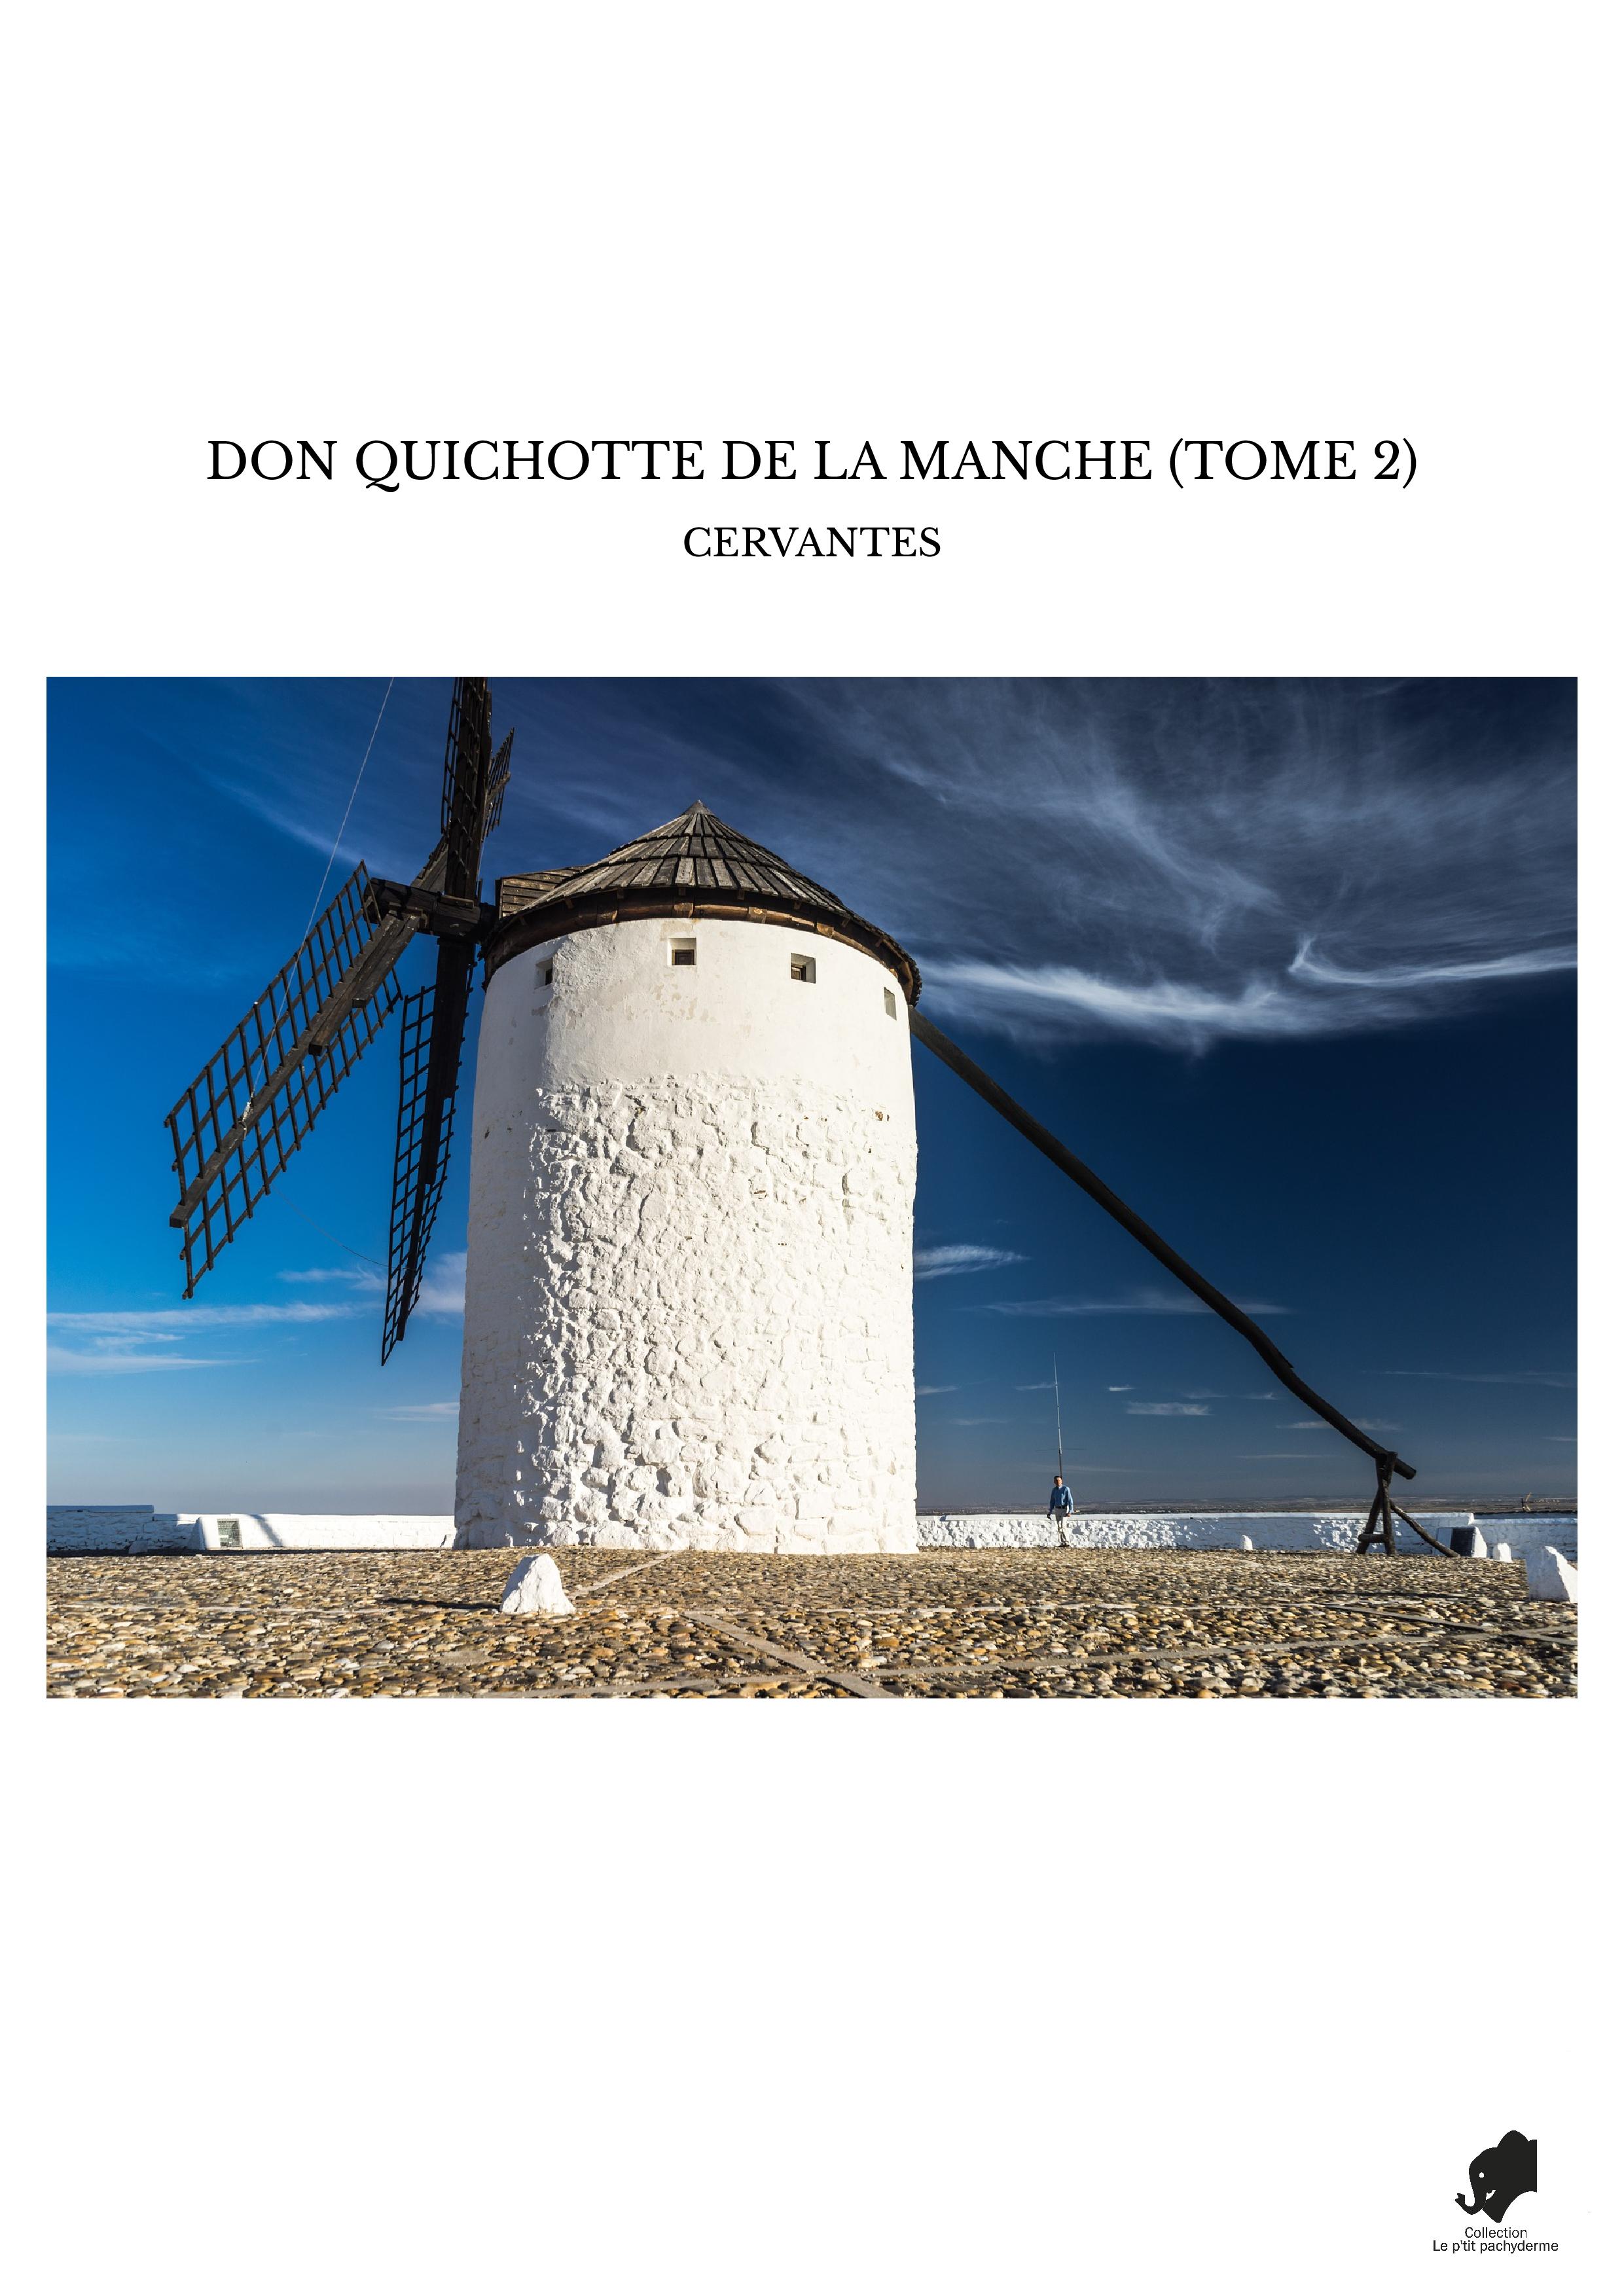 DON QUICHOTTE DE LA MANCHE (TOME 2)